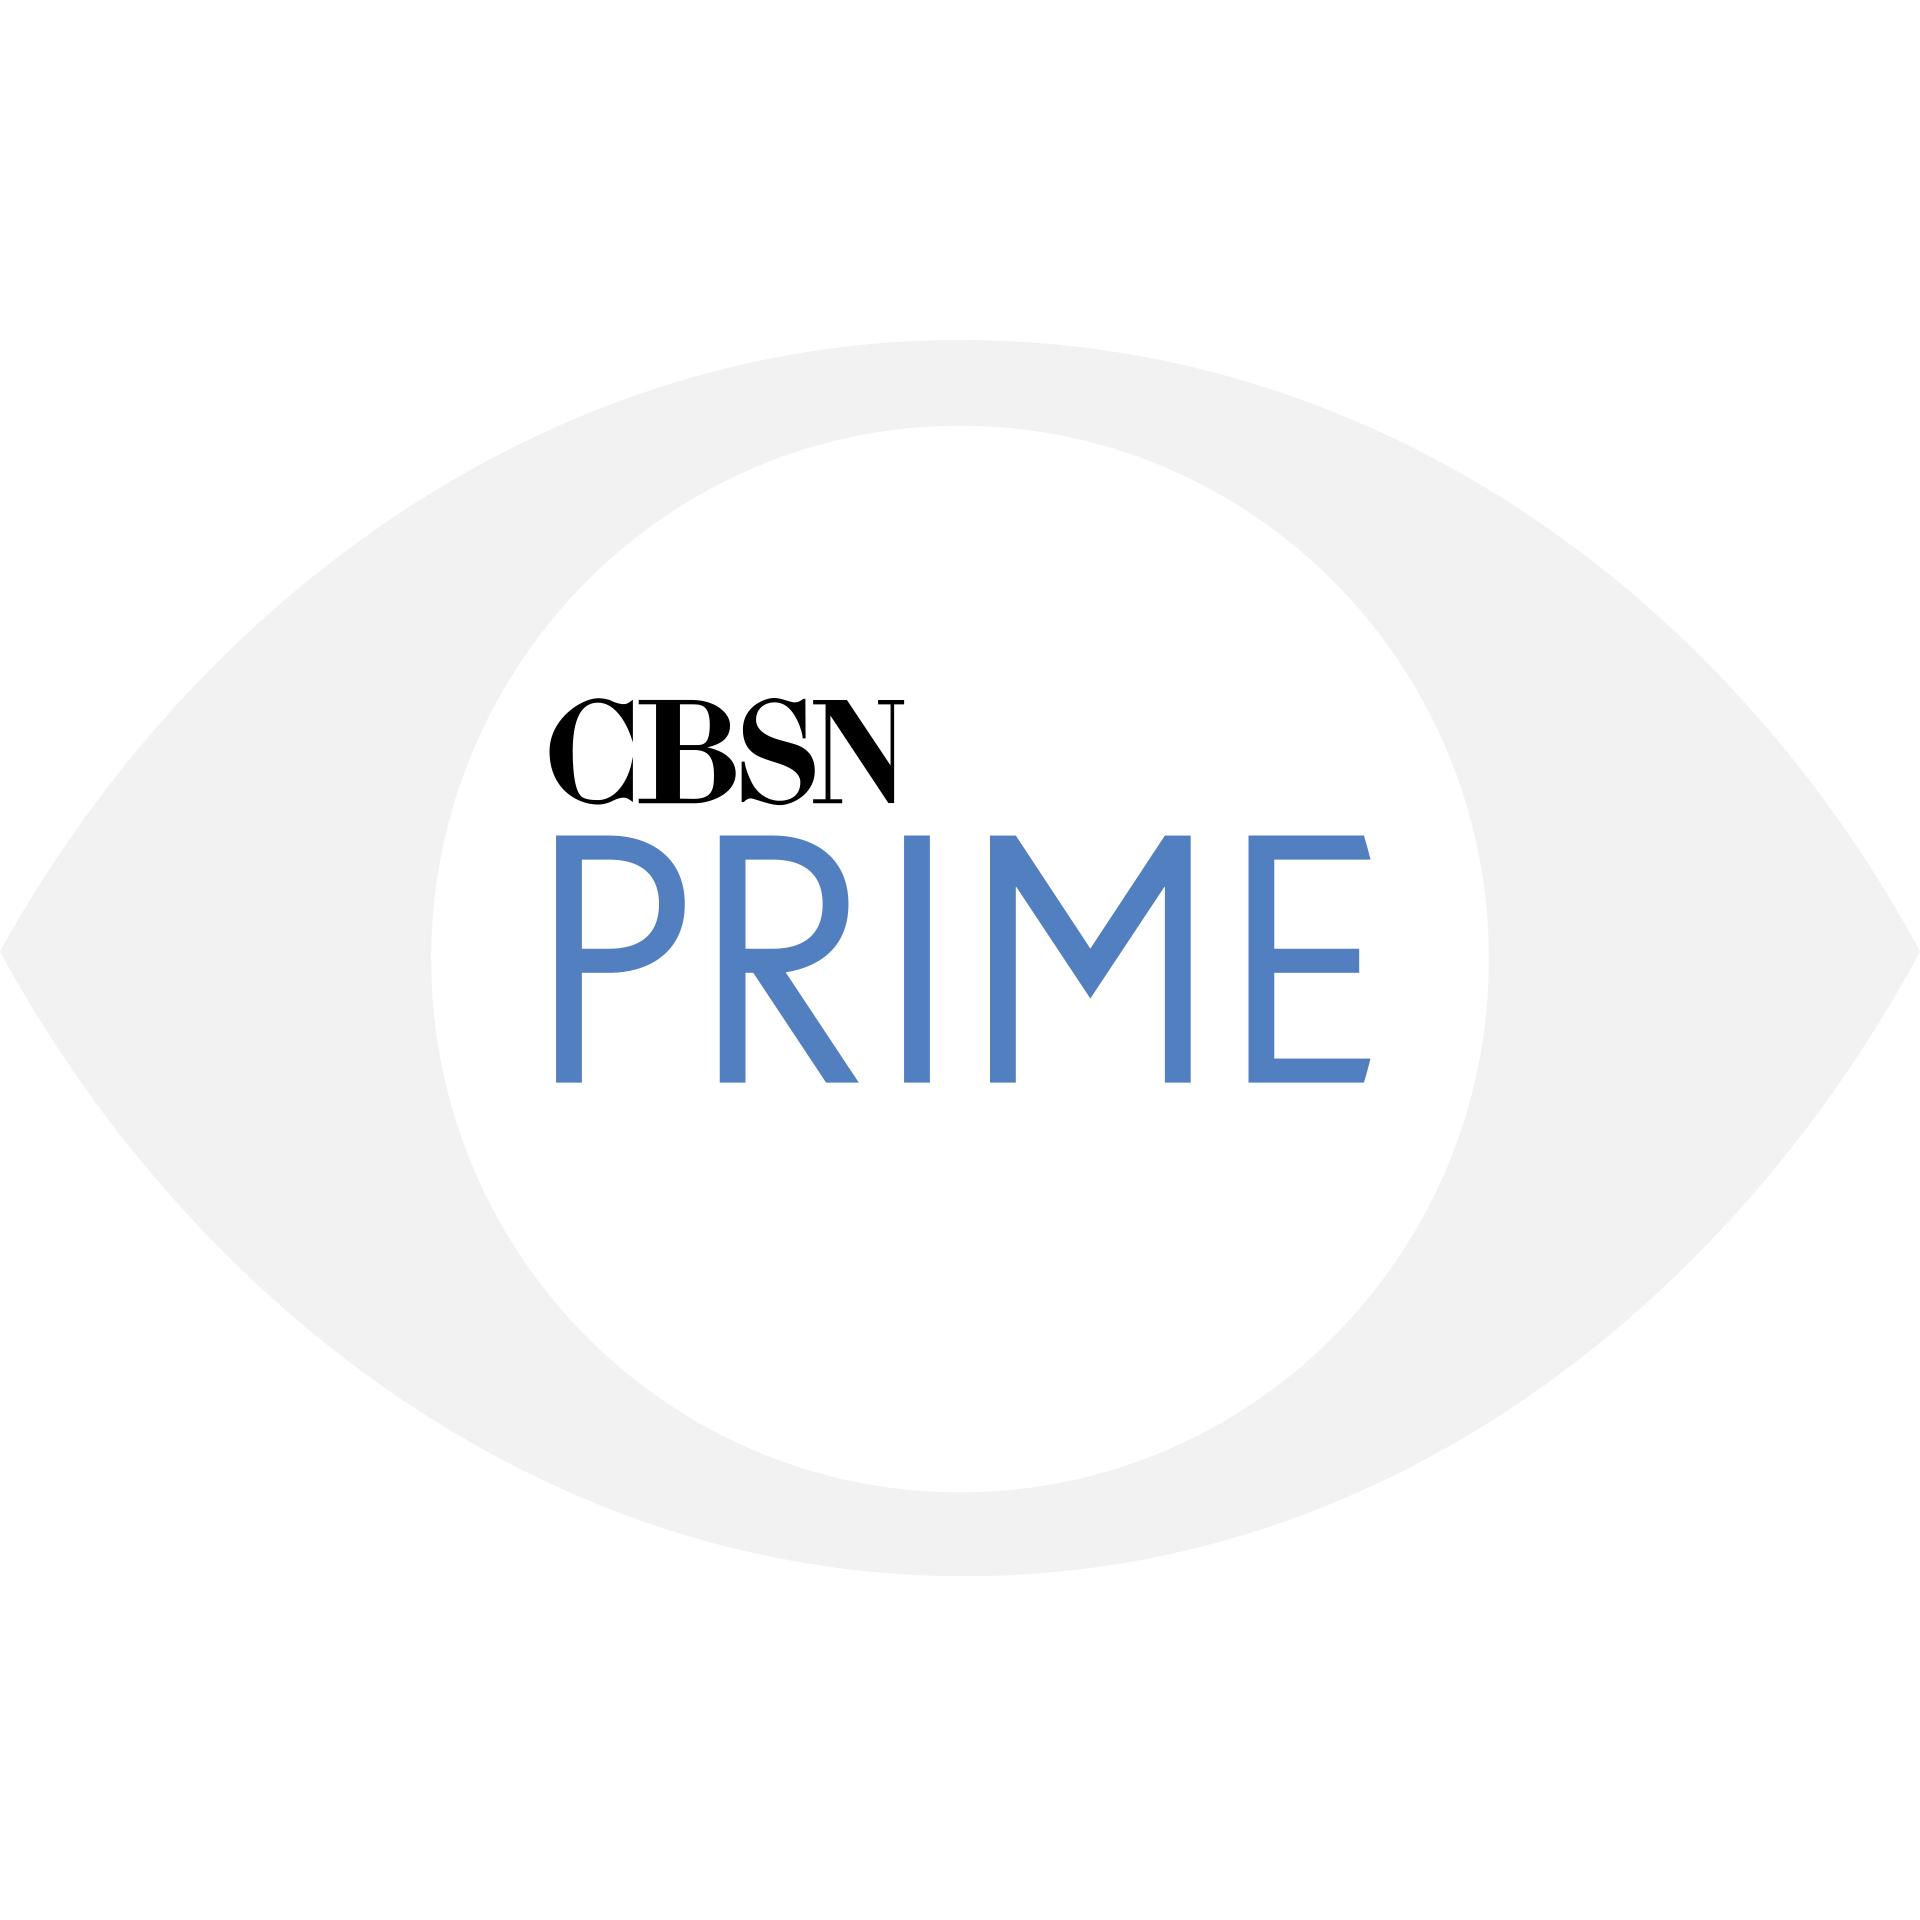 CBSNPRIME-TreatmentA-WordmarkColor.jpg